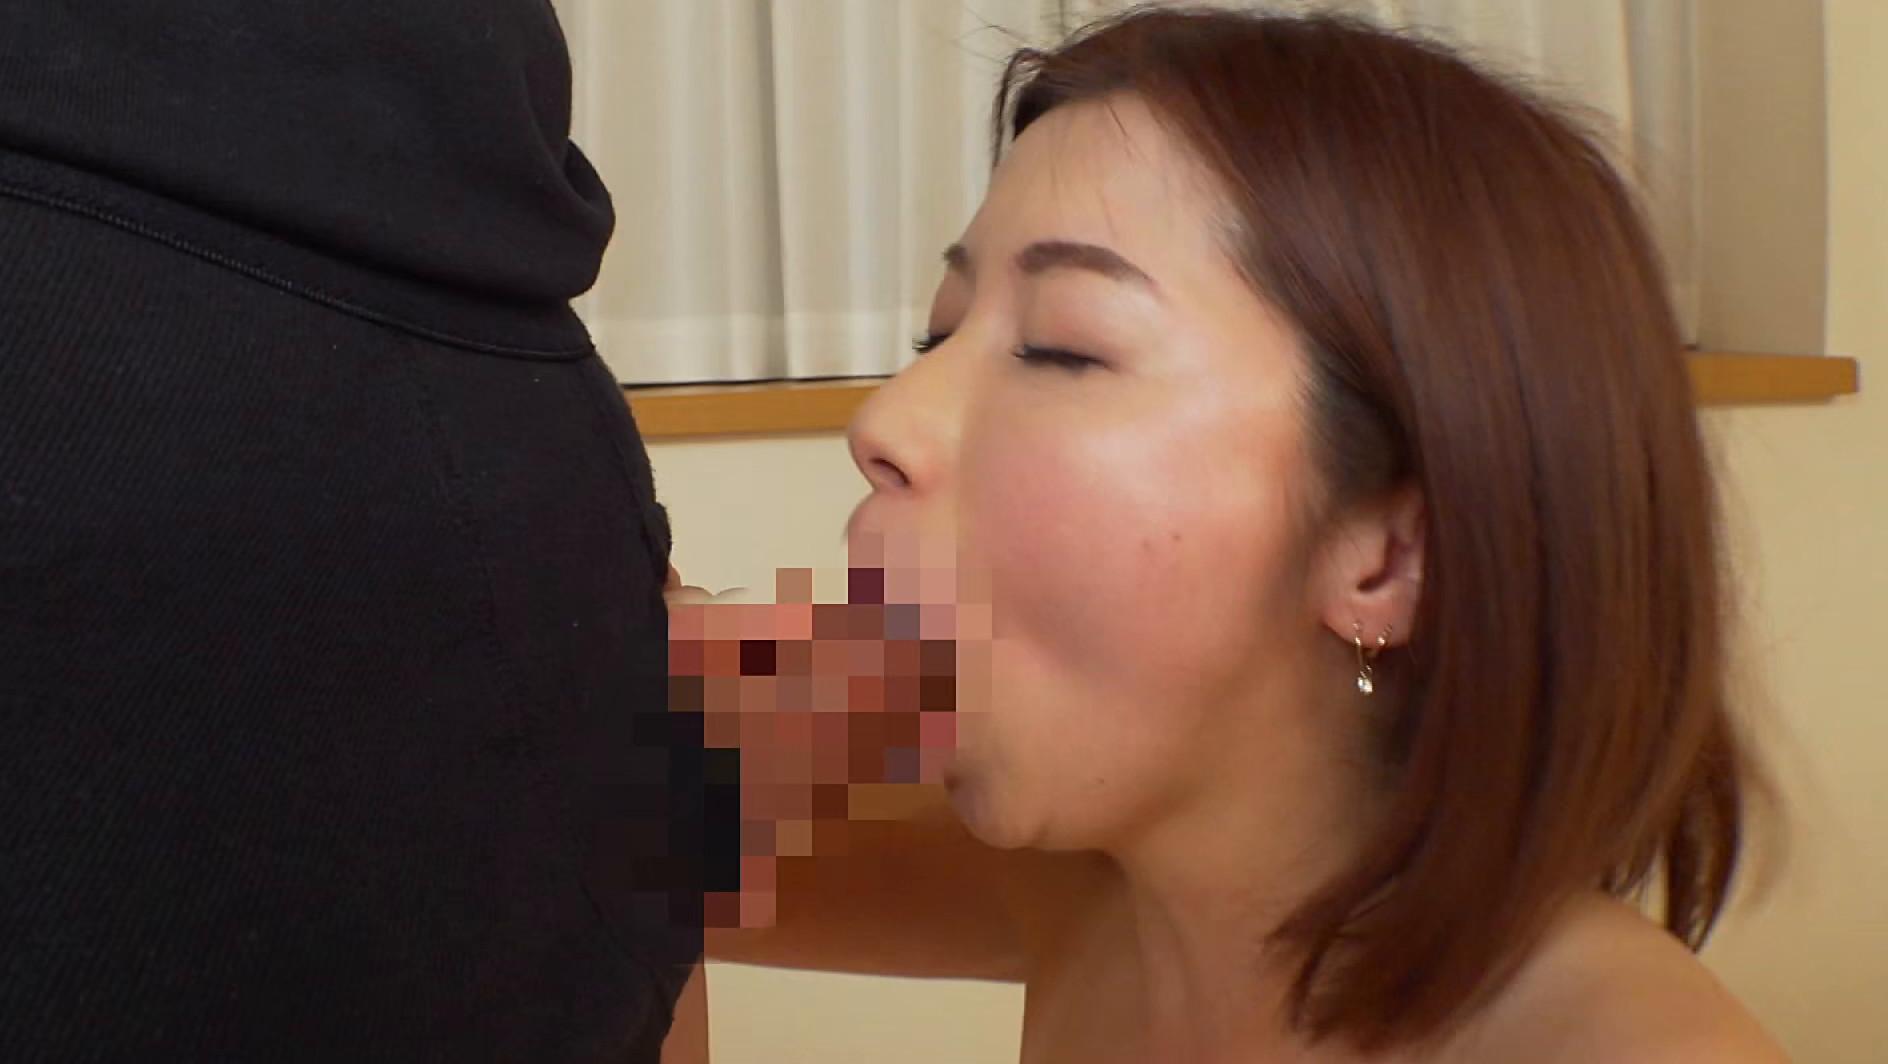 イケイケお姉さん#18 つばき ハード乱交で楽しむ熟女の身体 画像8